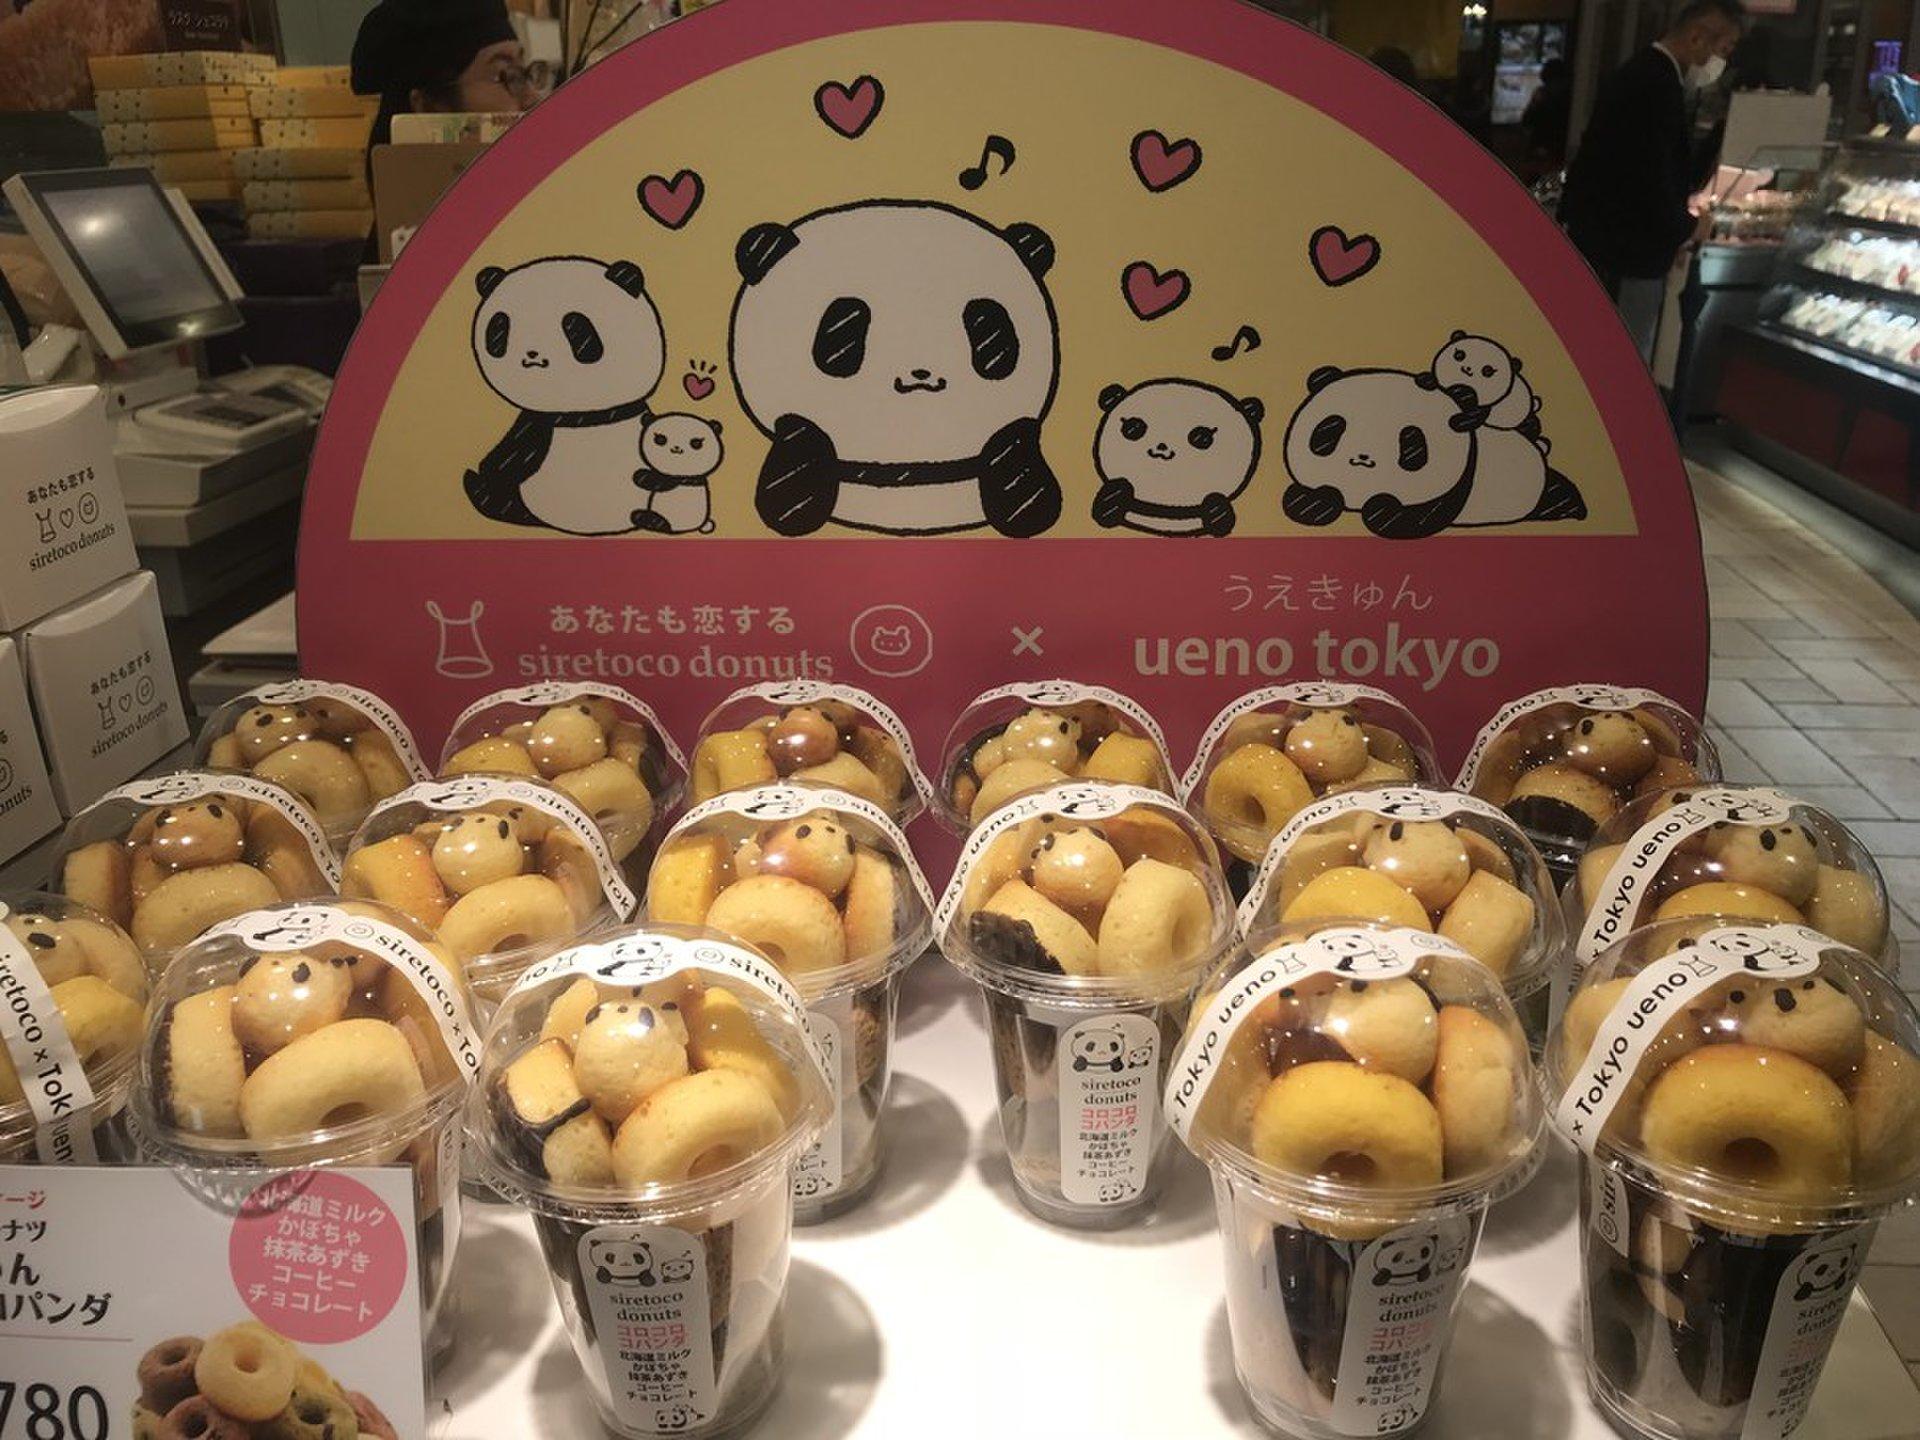 上野駅限定のスイーツが可愛すぎる!パンダケーキ・ドーナツなど盛りだくさん。あなたはどれを食べたい!?